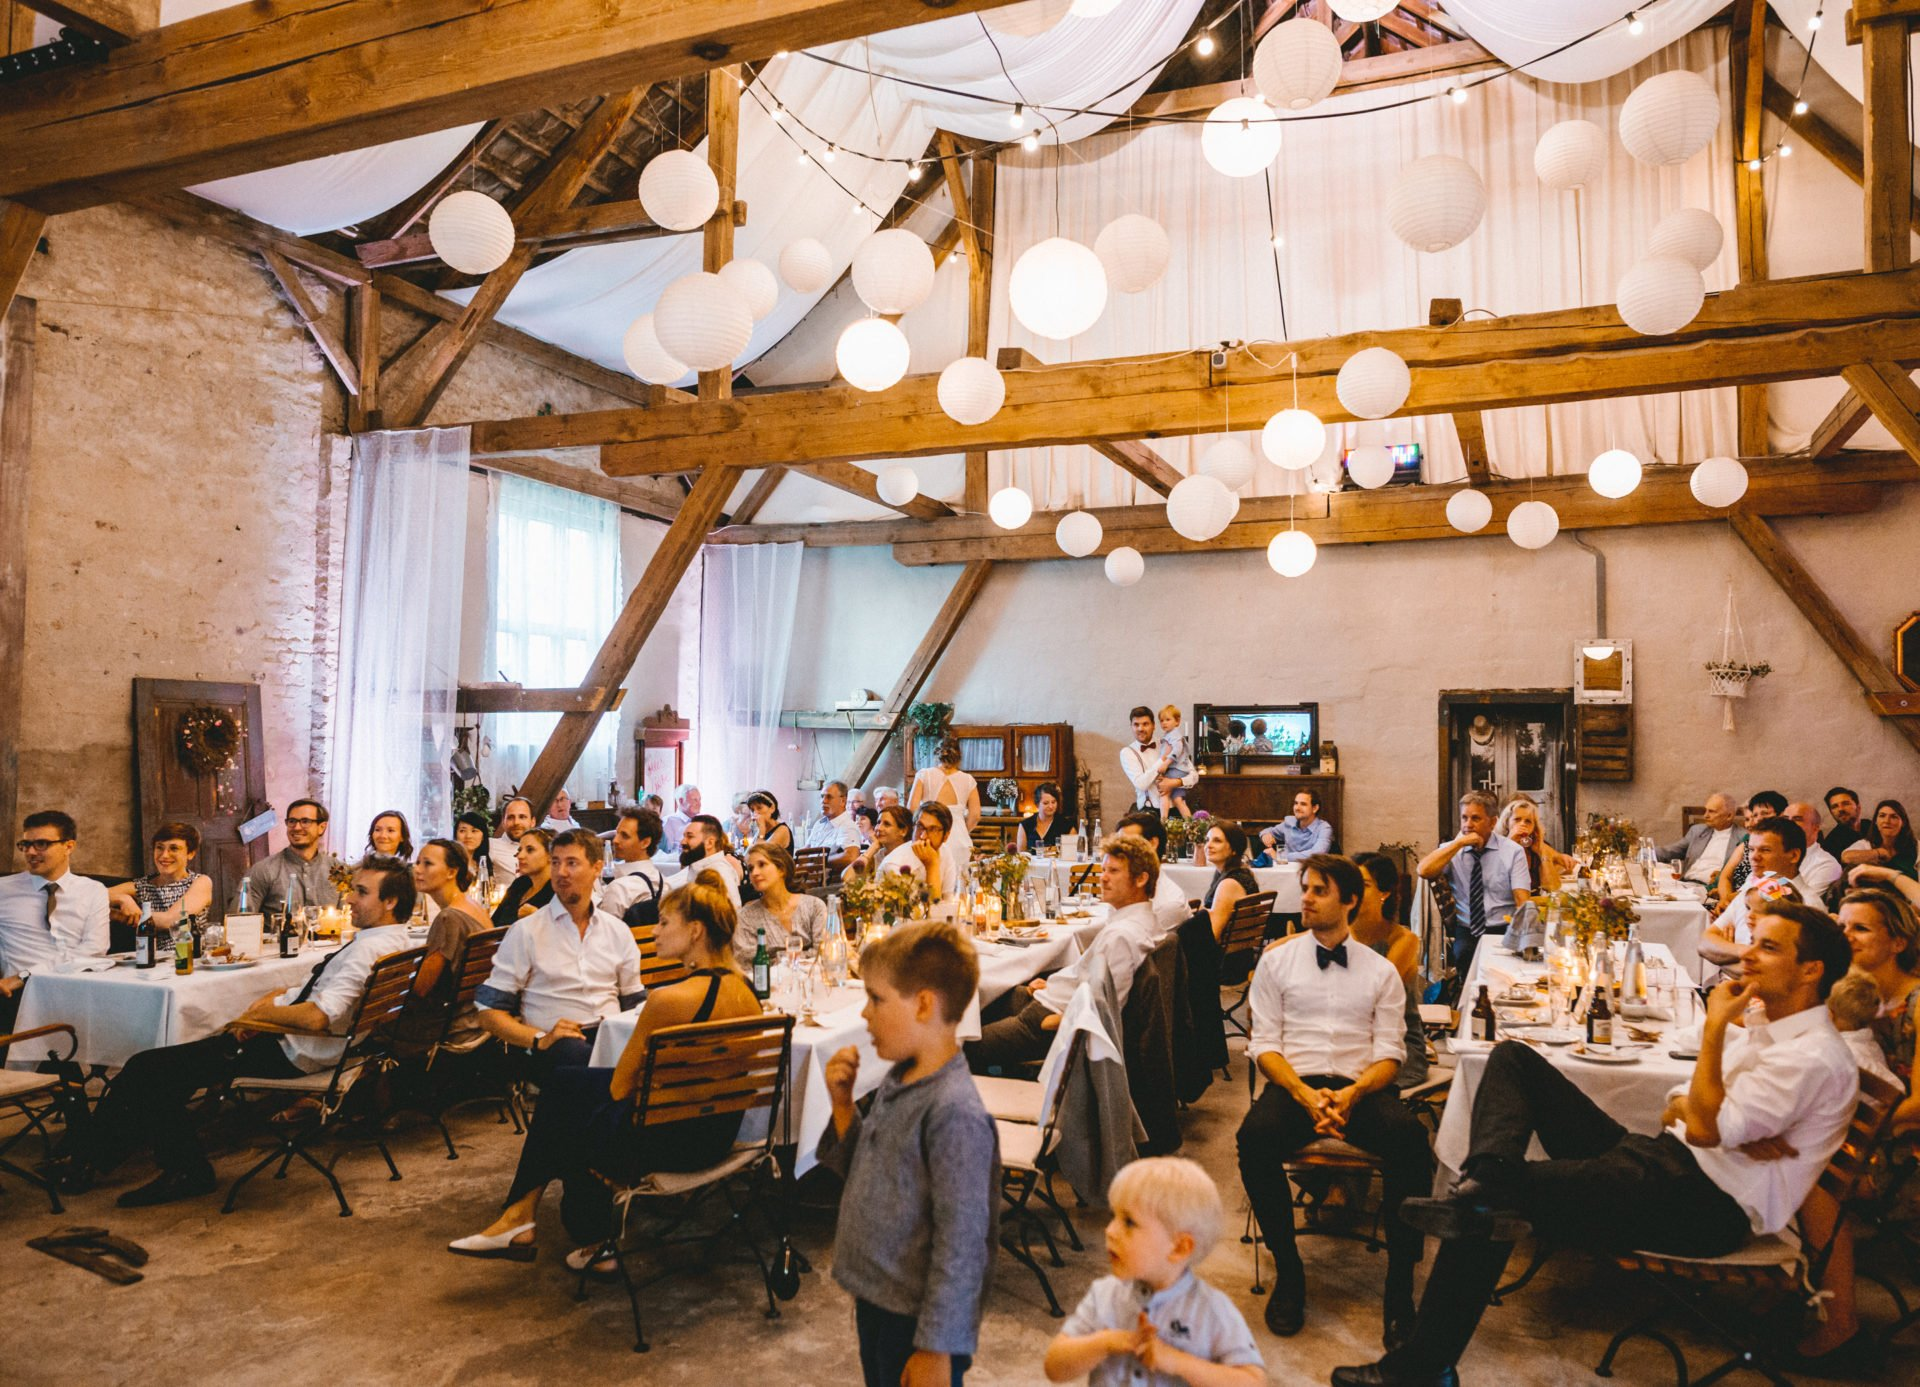 50mmfreunde Berlin Hochzeit 082 1920x1387 - Sommerhochzeit in dem Vierseithofcafé im Berliner Umland